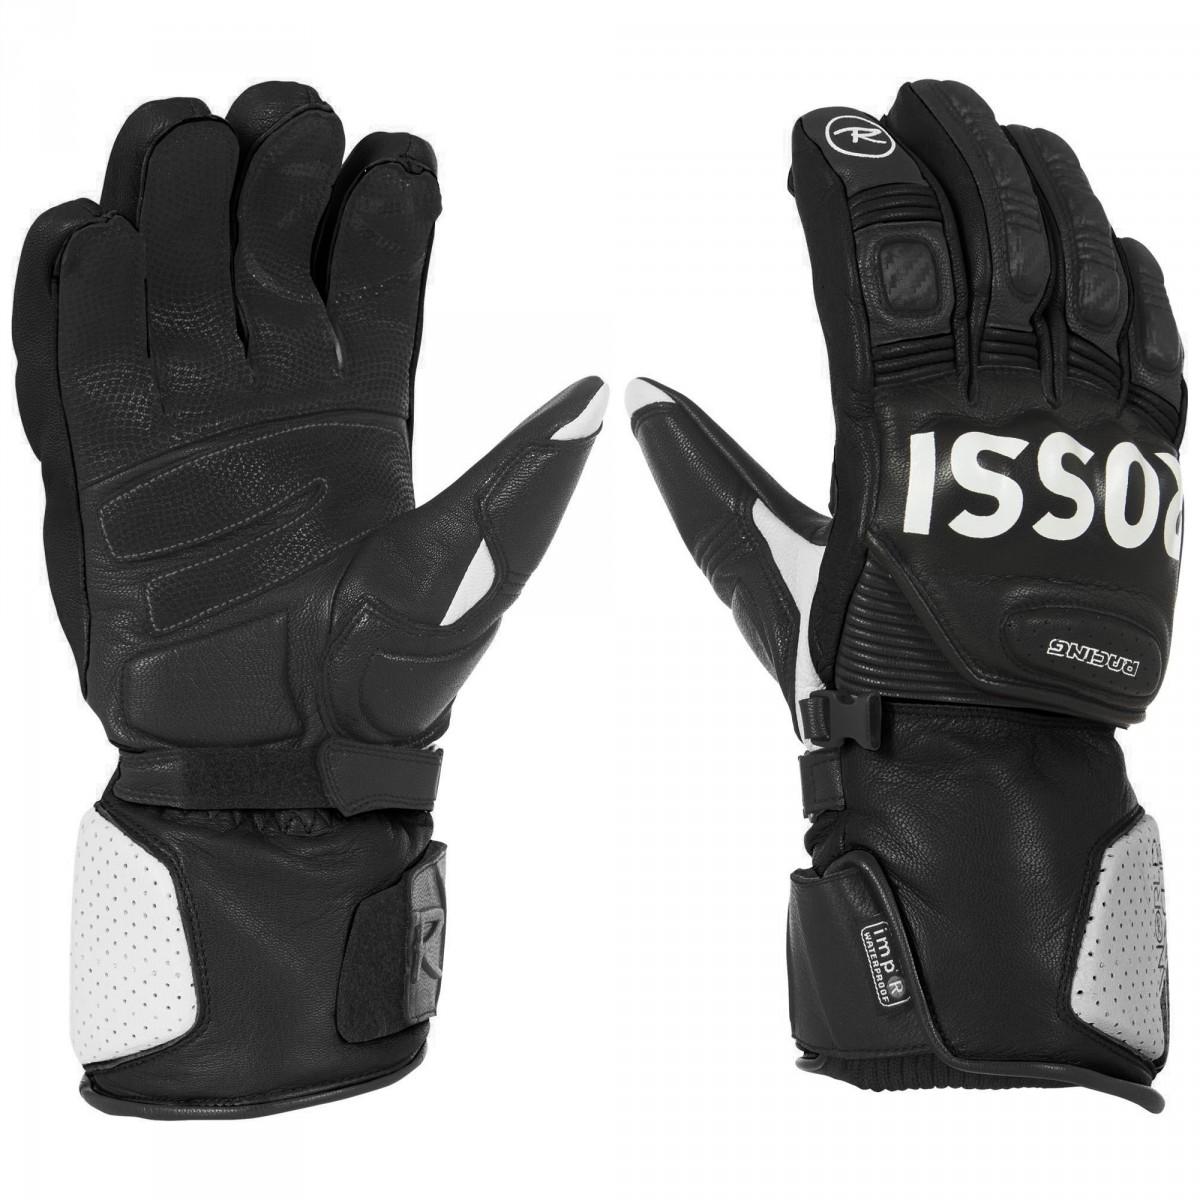 gants ski rossignol wc pro leather impr homme accessoires ski. Black Bedroom Furniture Sets. Home Design Ideas